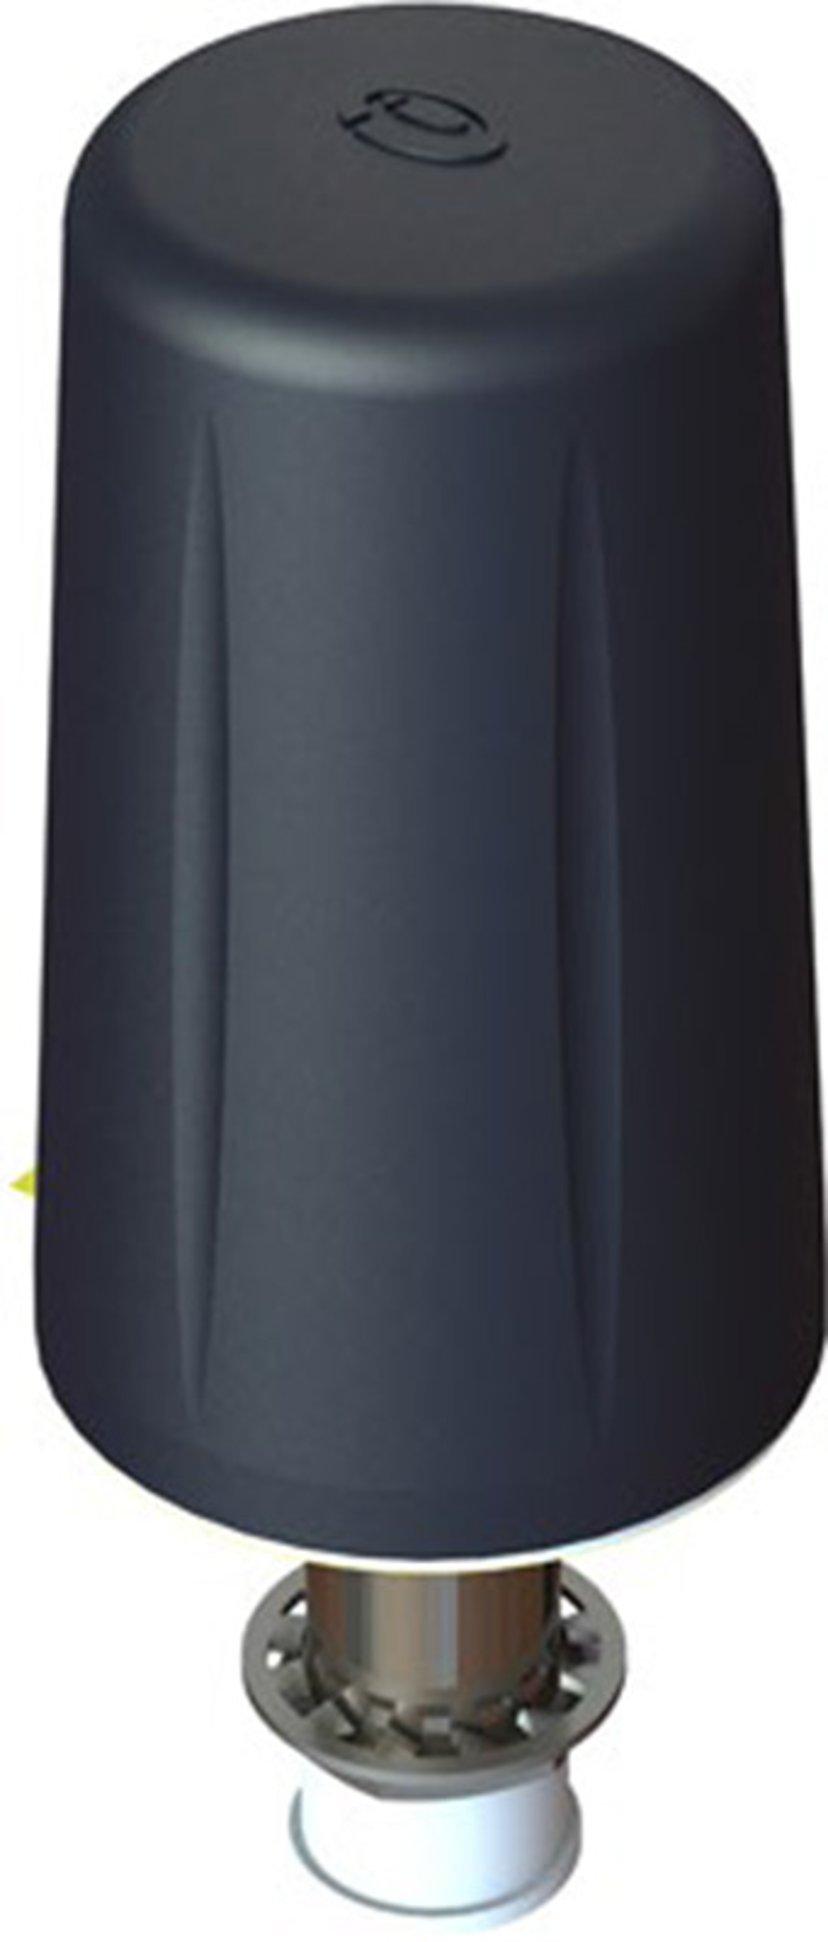 Panorama Antennas Rundstrålande 420-455MHz UHF N-Hane